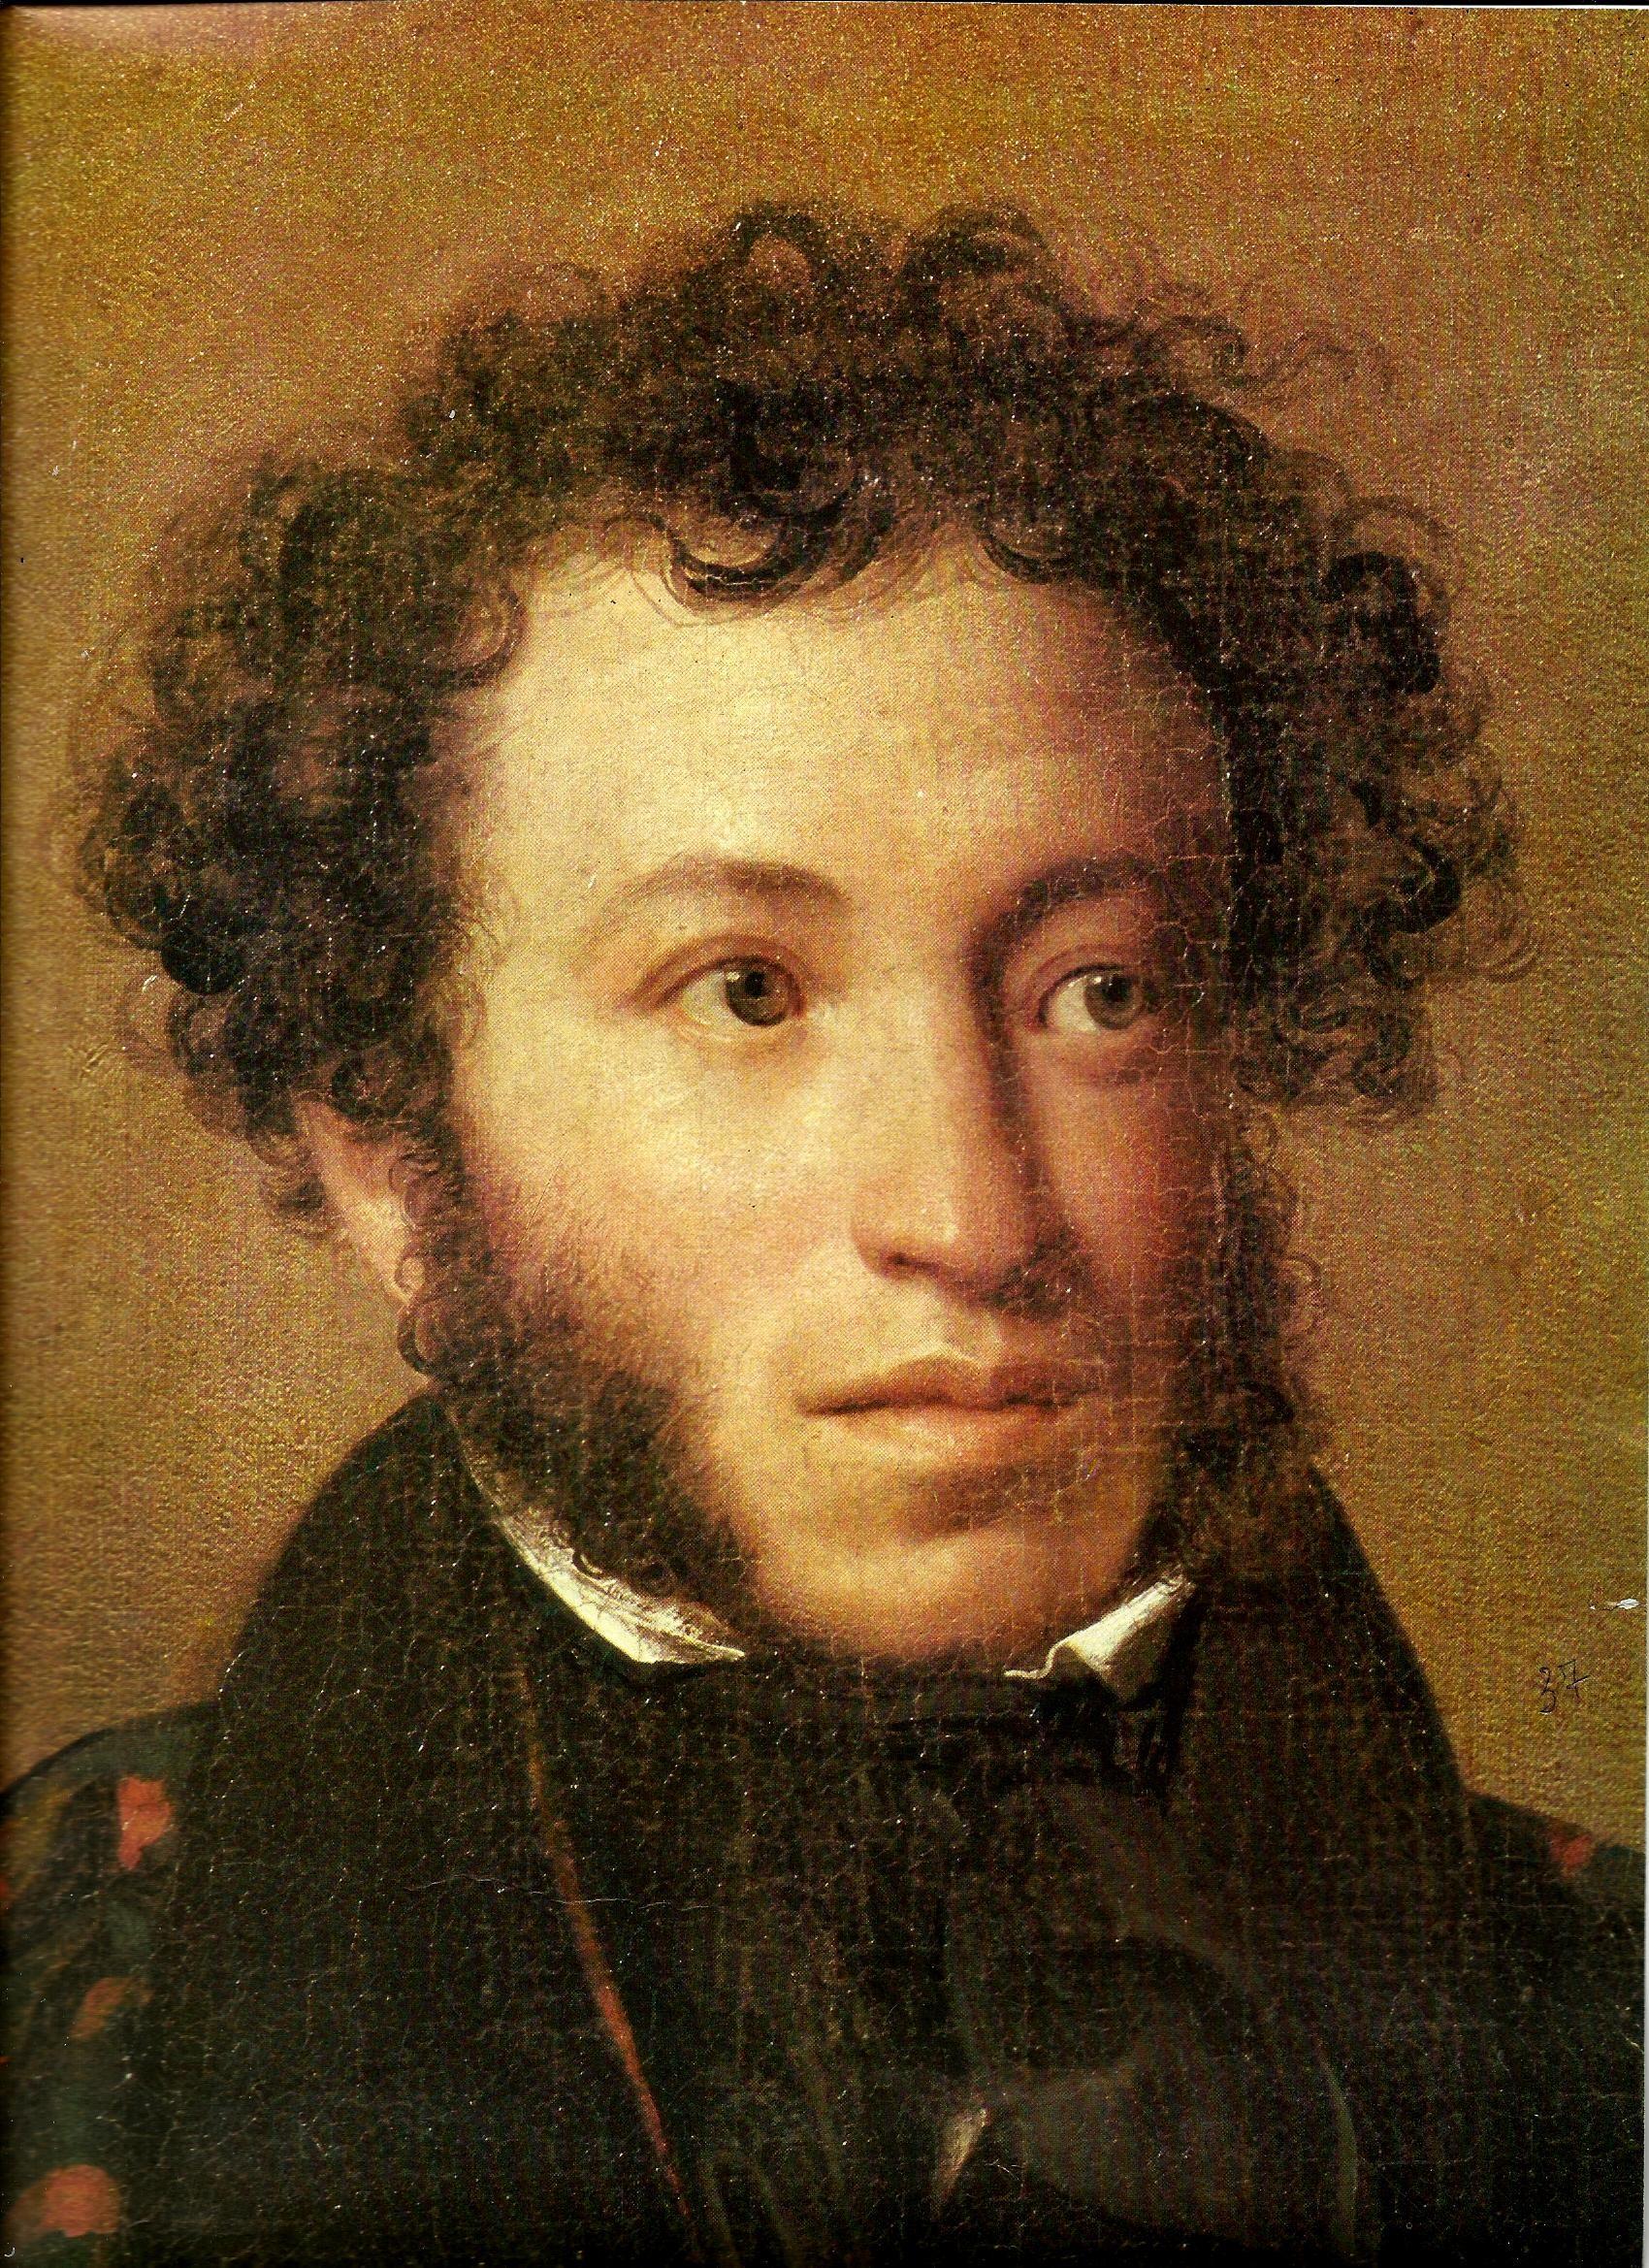 фото пушкин а.с.